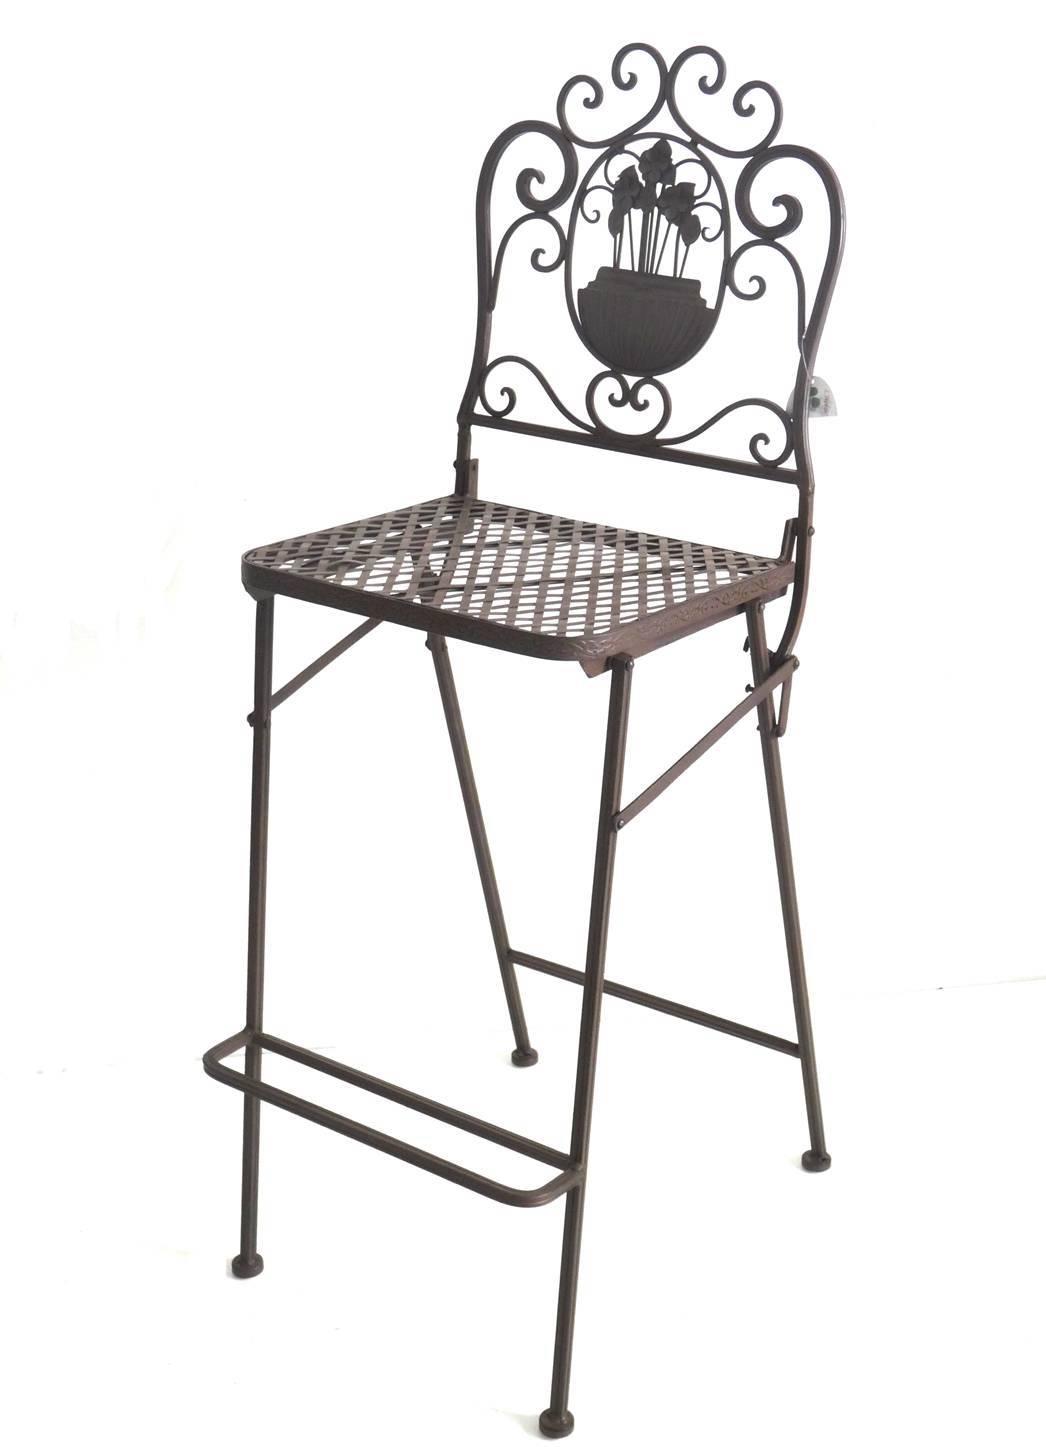 chaise haute pliante fauteuil de bar pliable ou pour ilot central en fer forge marron 39x116cm